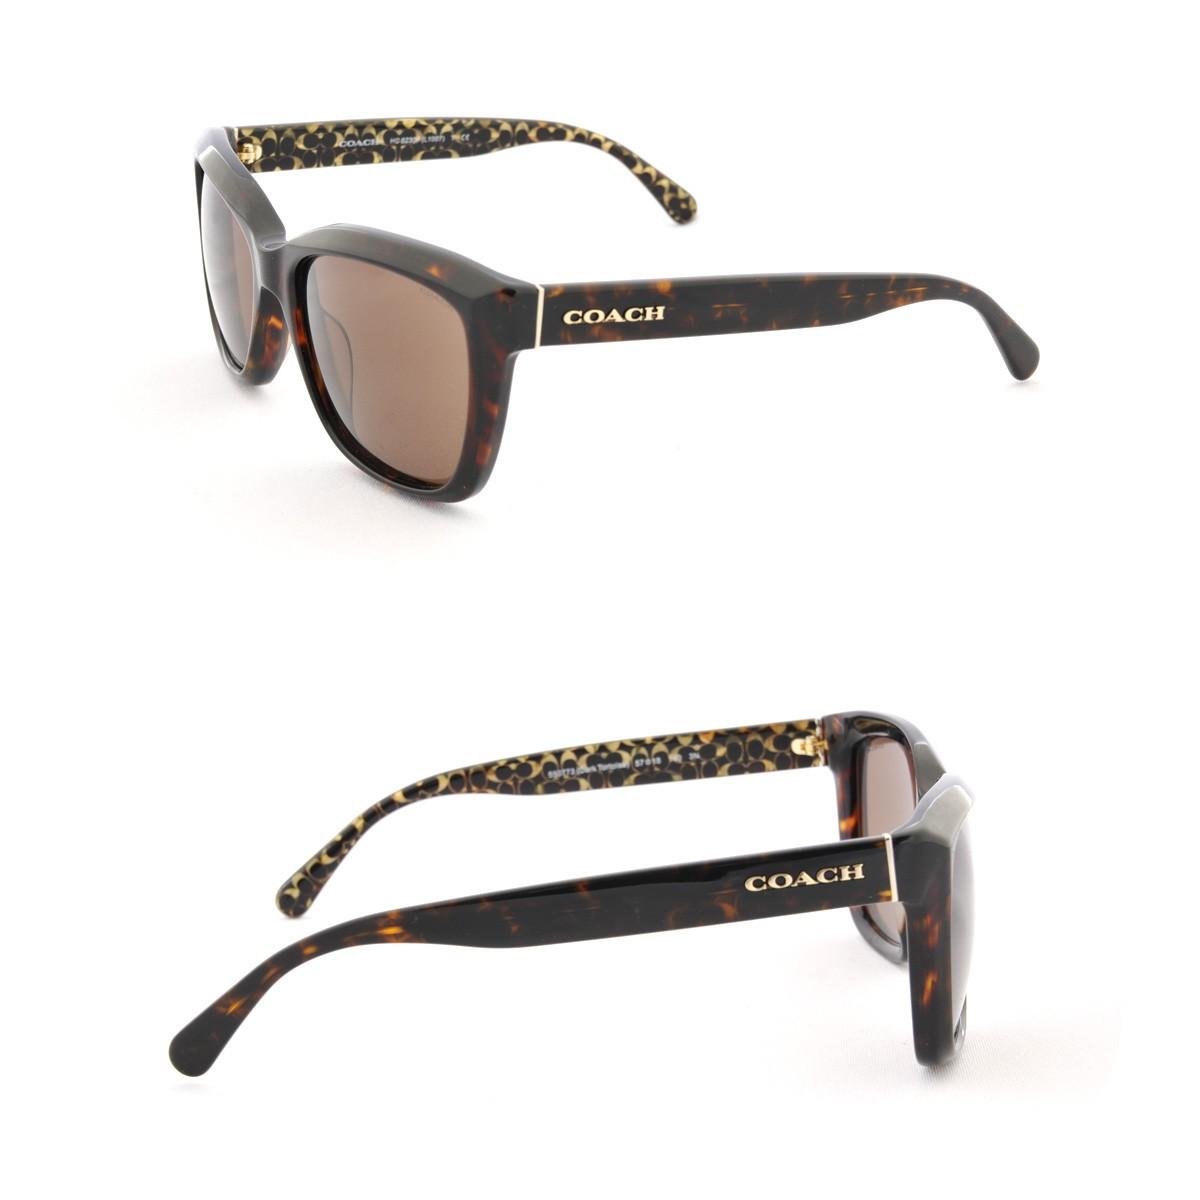 fb8809f27780 コーチ サングラス COACH サングラス sunglasses 正規 HC8230F 550773